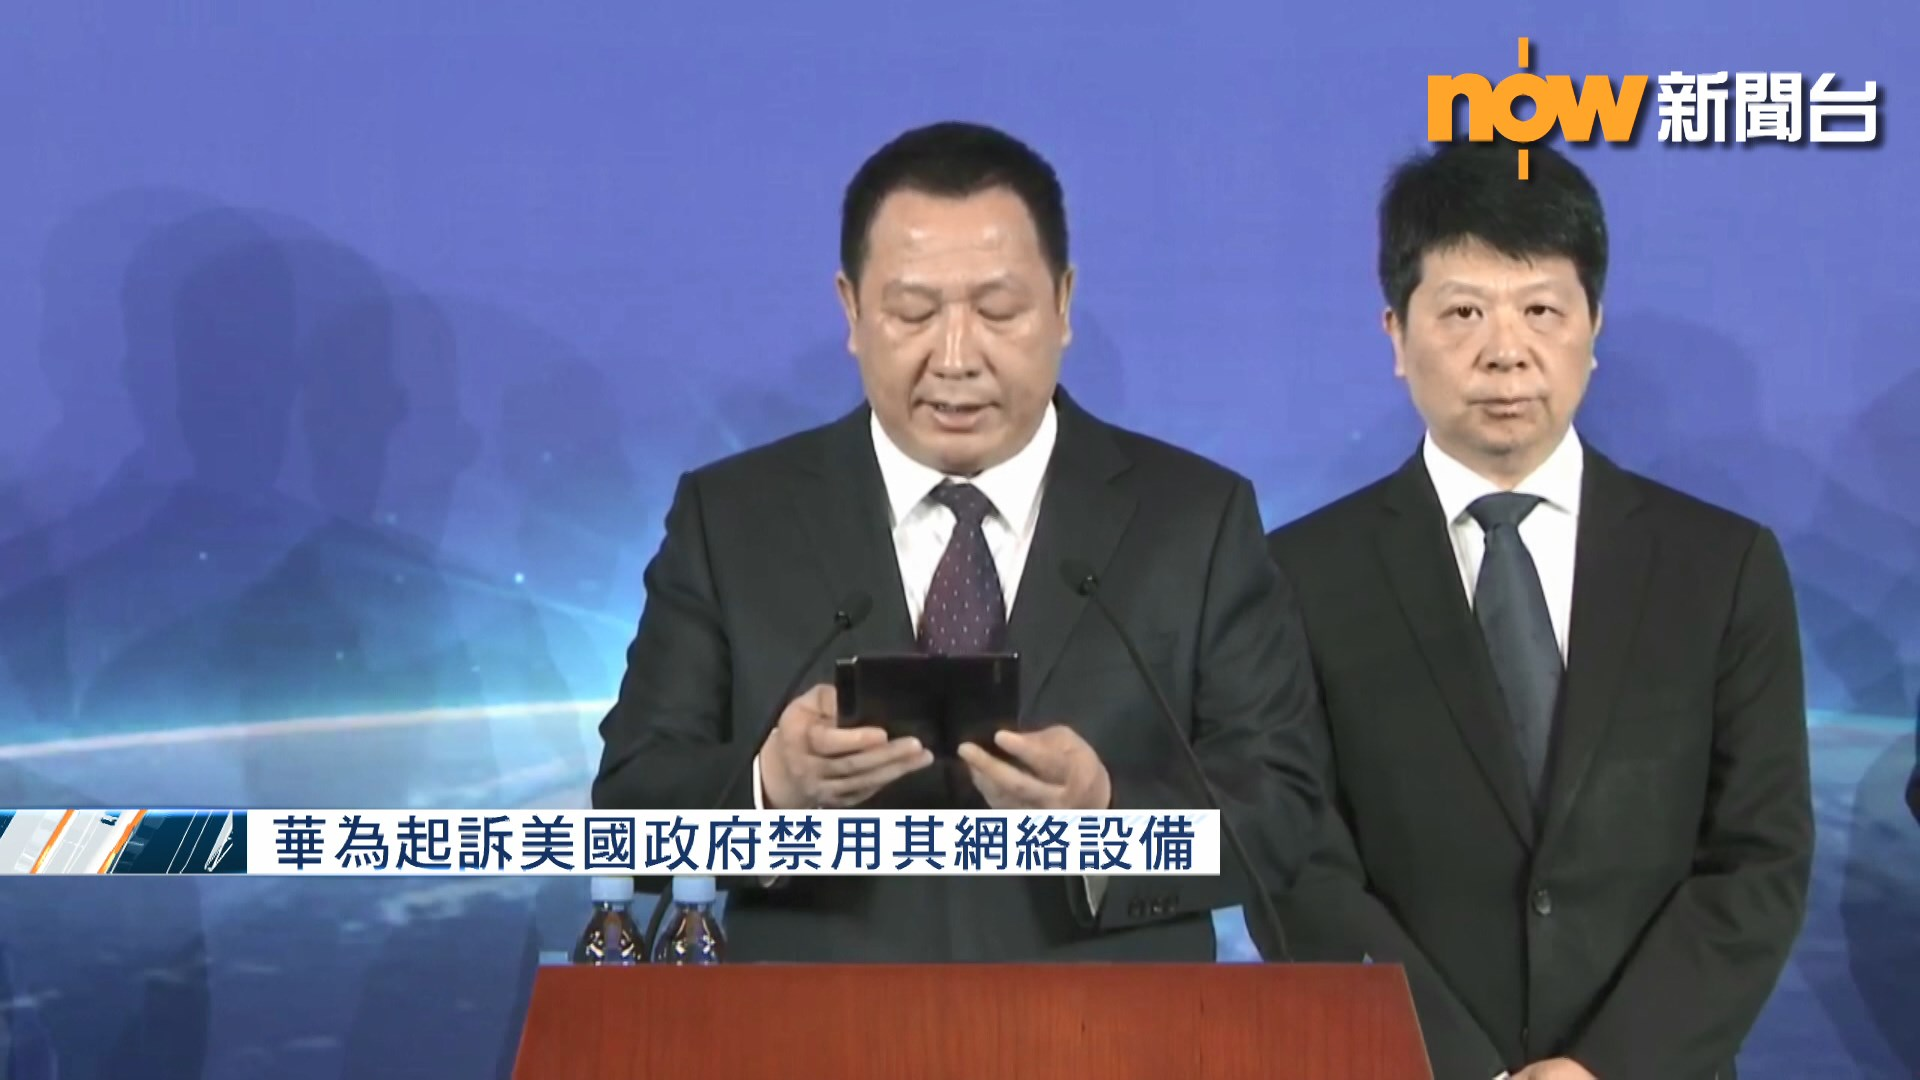 華為起訴美國政府禁用其網絡設備